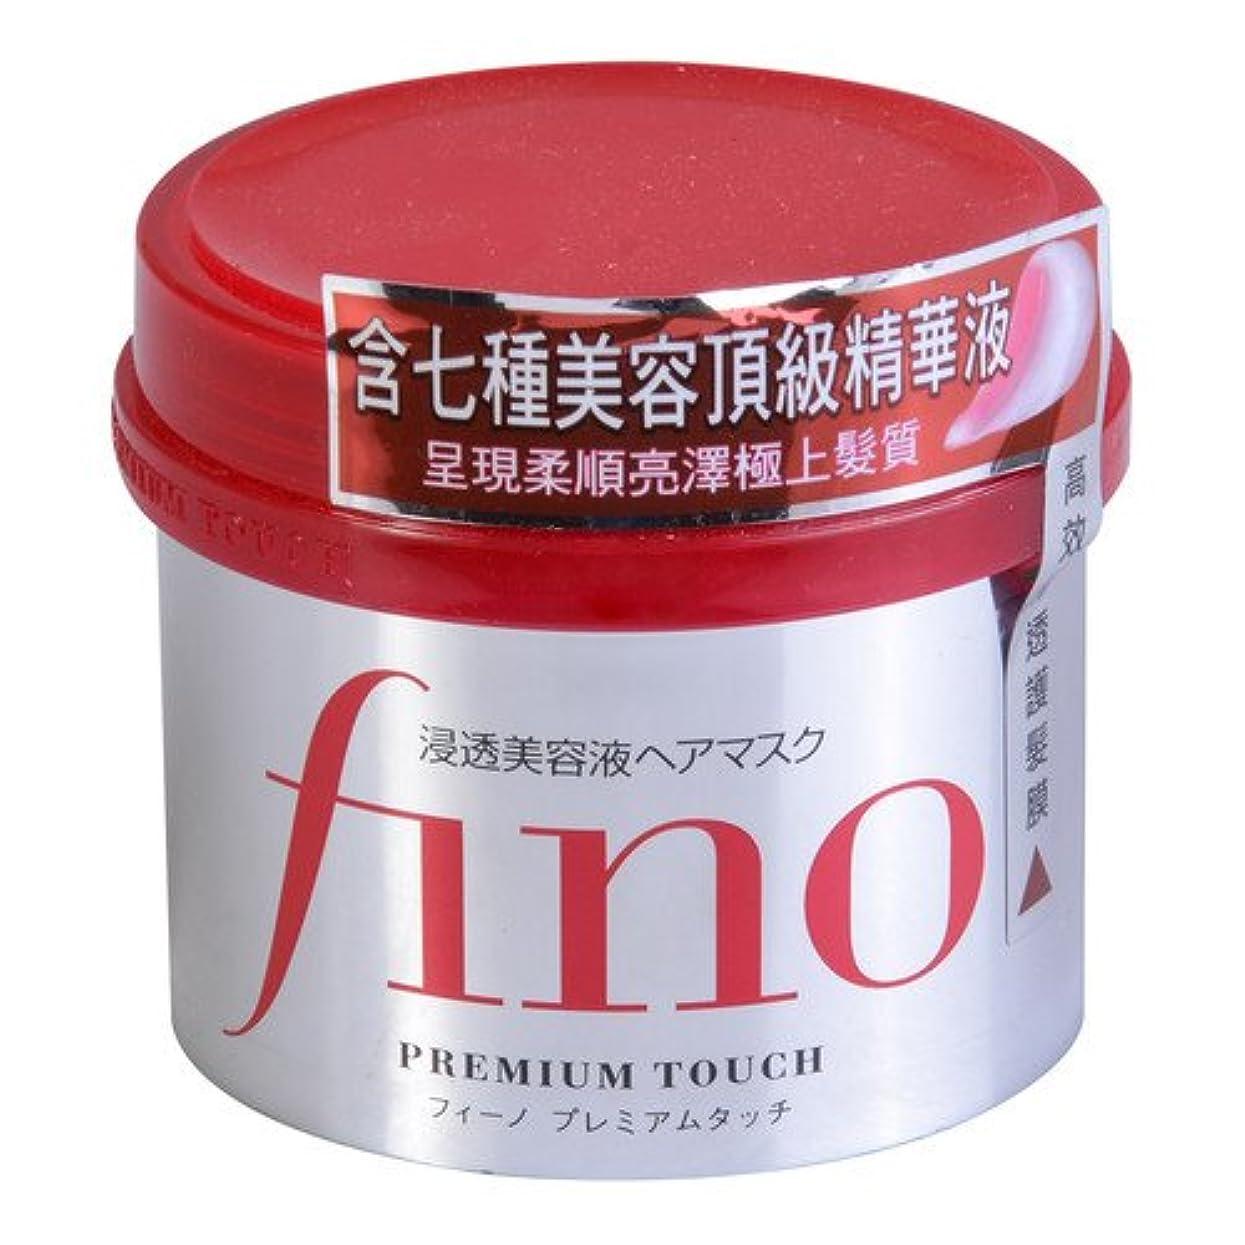 シャツオーストラリア見積りフィーノ プレミアムタッチ 浸透美容液ヘアマスク230g